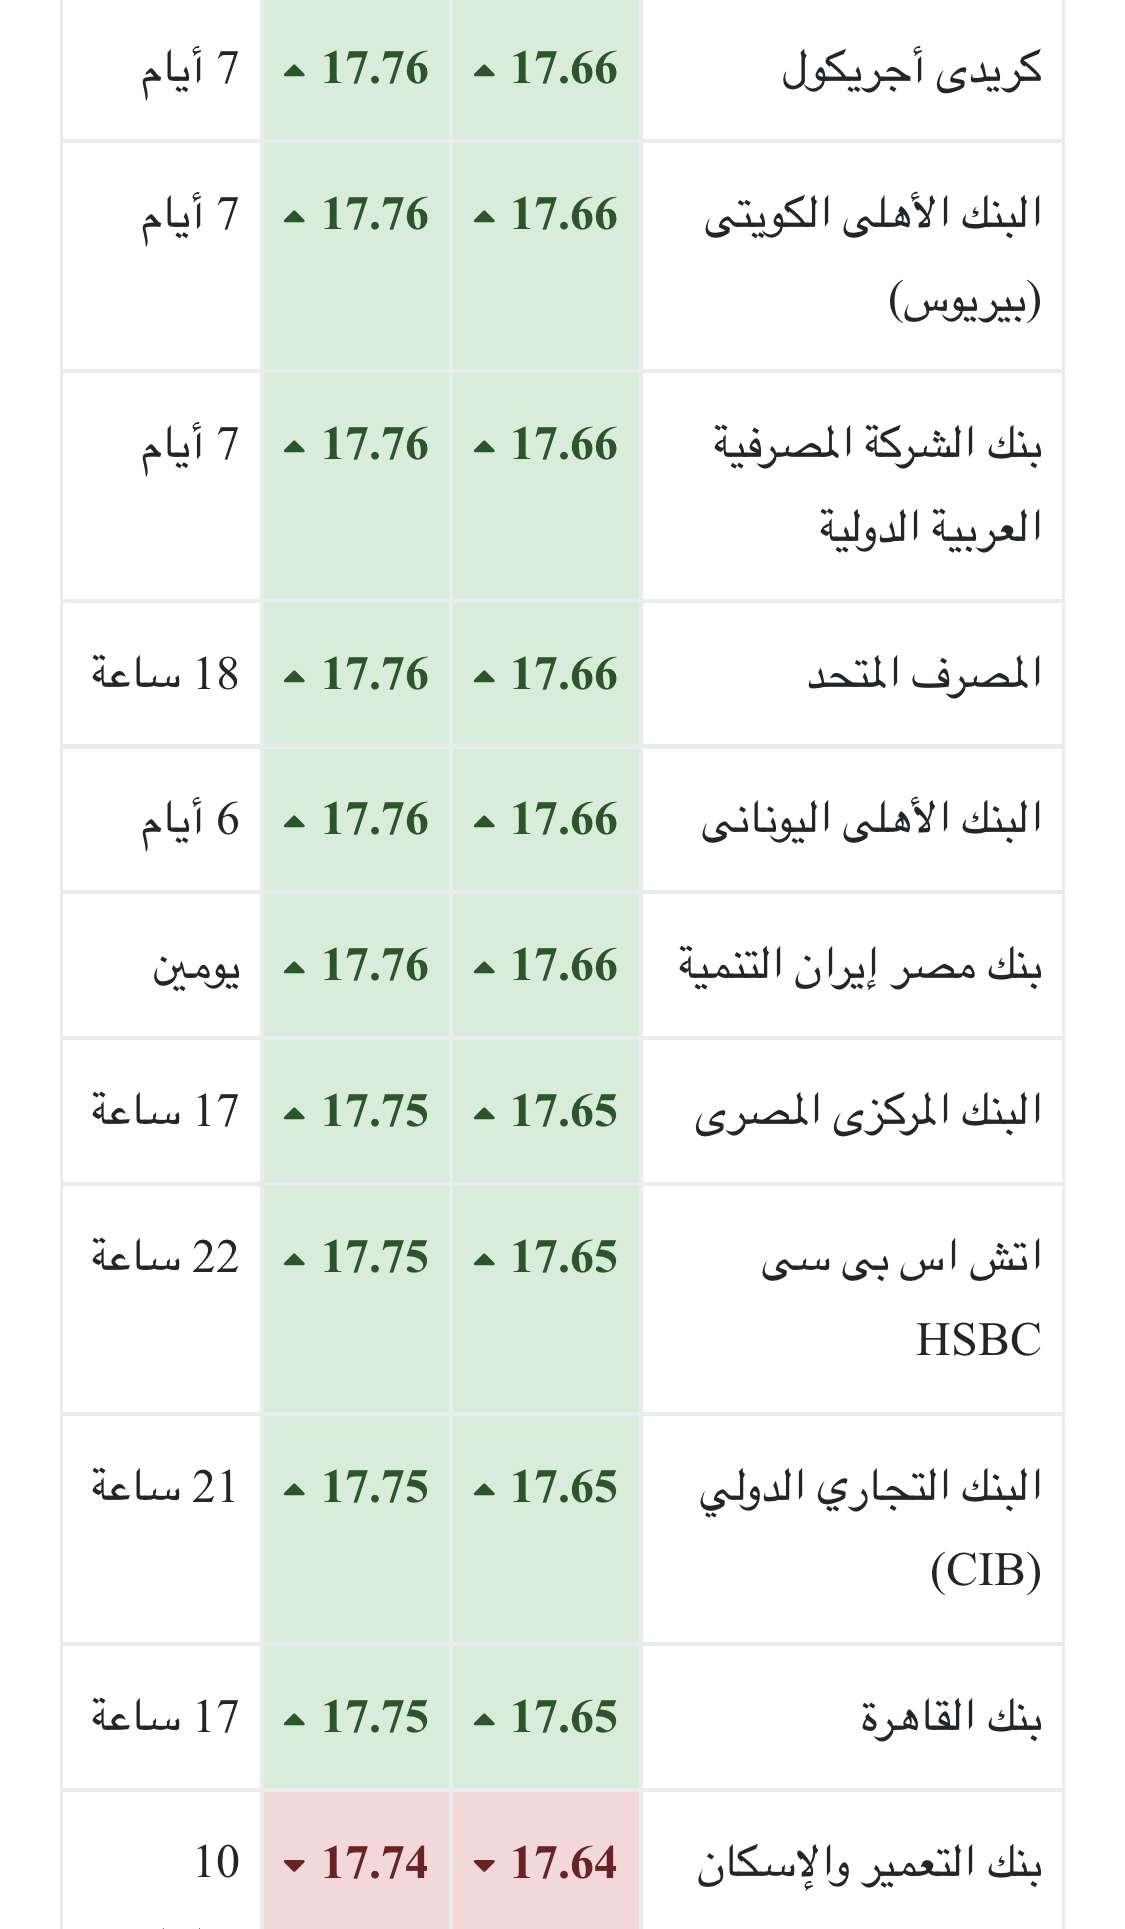 سعر الدولار اليوم الثلاثاء 24-4-2017 بالبنوك المصرية والسوق السوداء